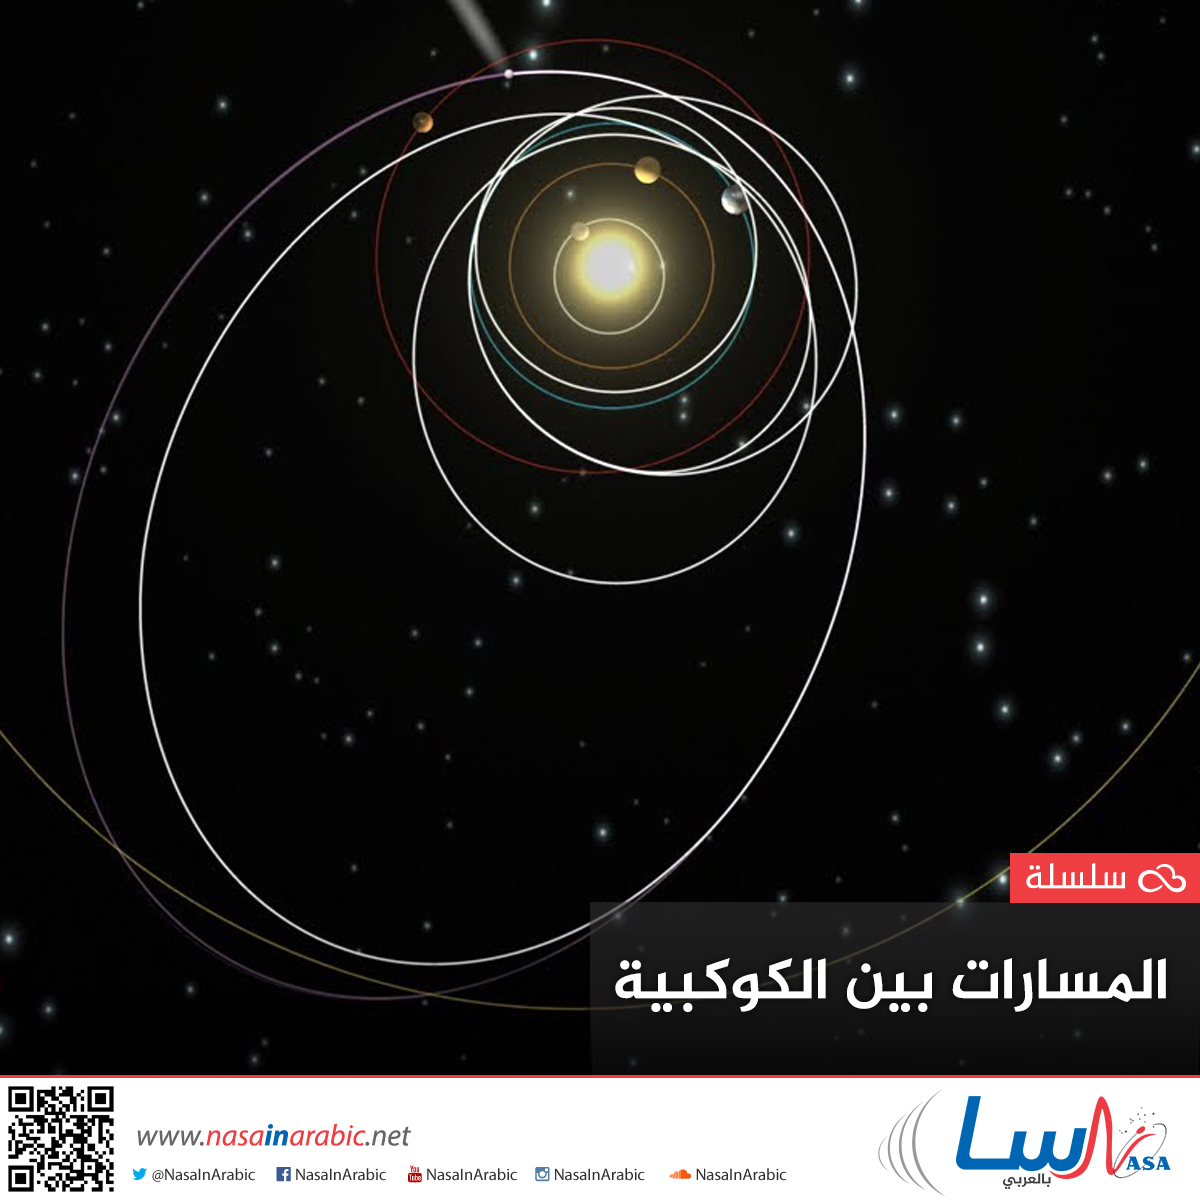 المسارات بين-الكوكبية